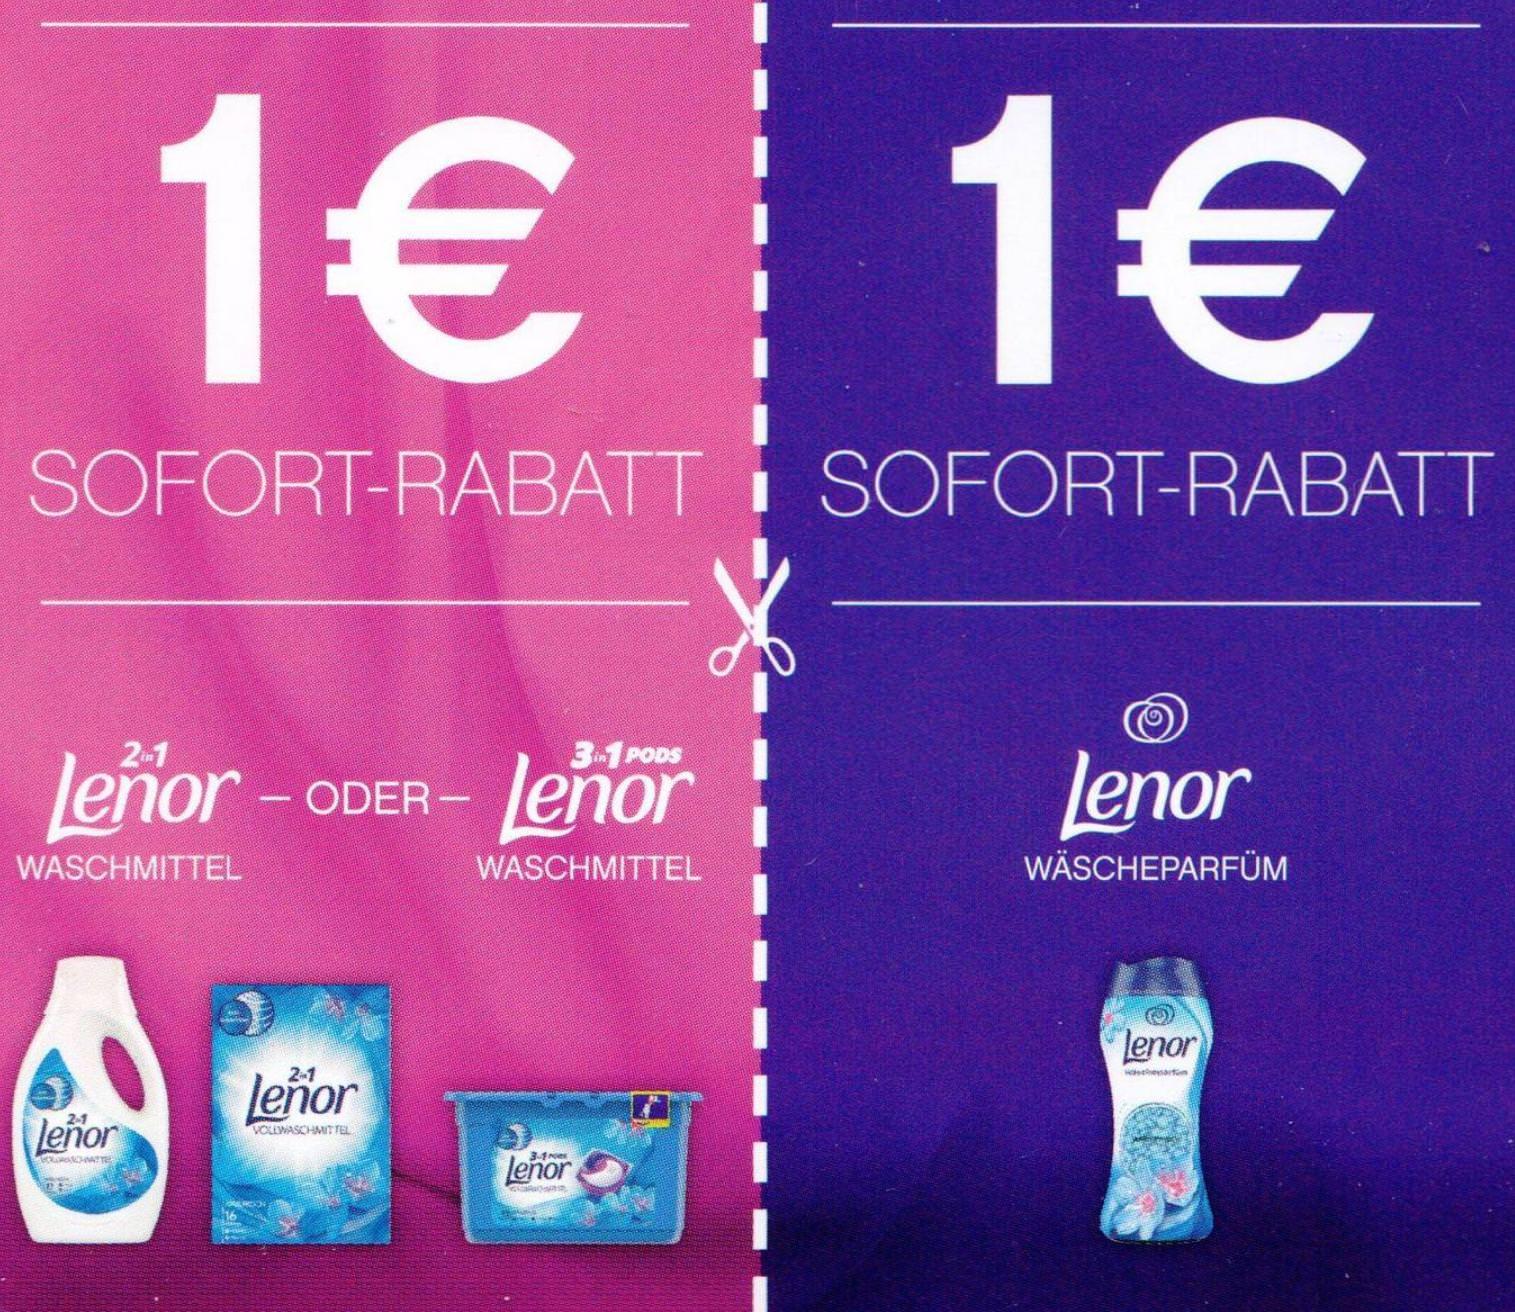 1,00€ Sofort-Rabatt für Lenor 2in1 Waschmittel / 3in1 Pods oder Wäscheparfüm bis 31.07.2019 [Globus]